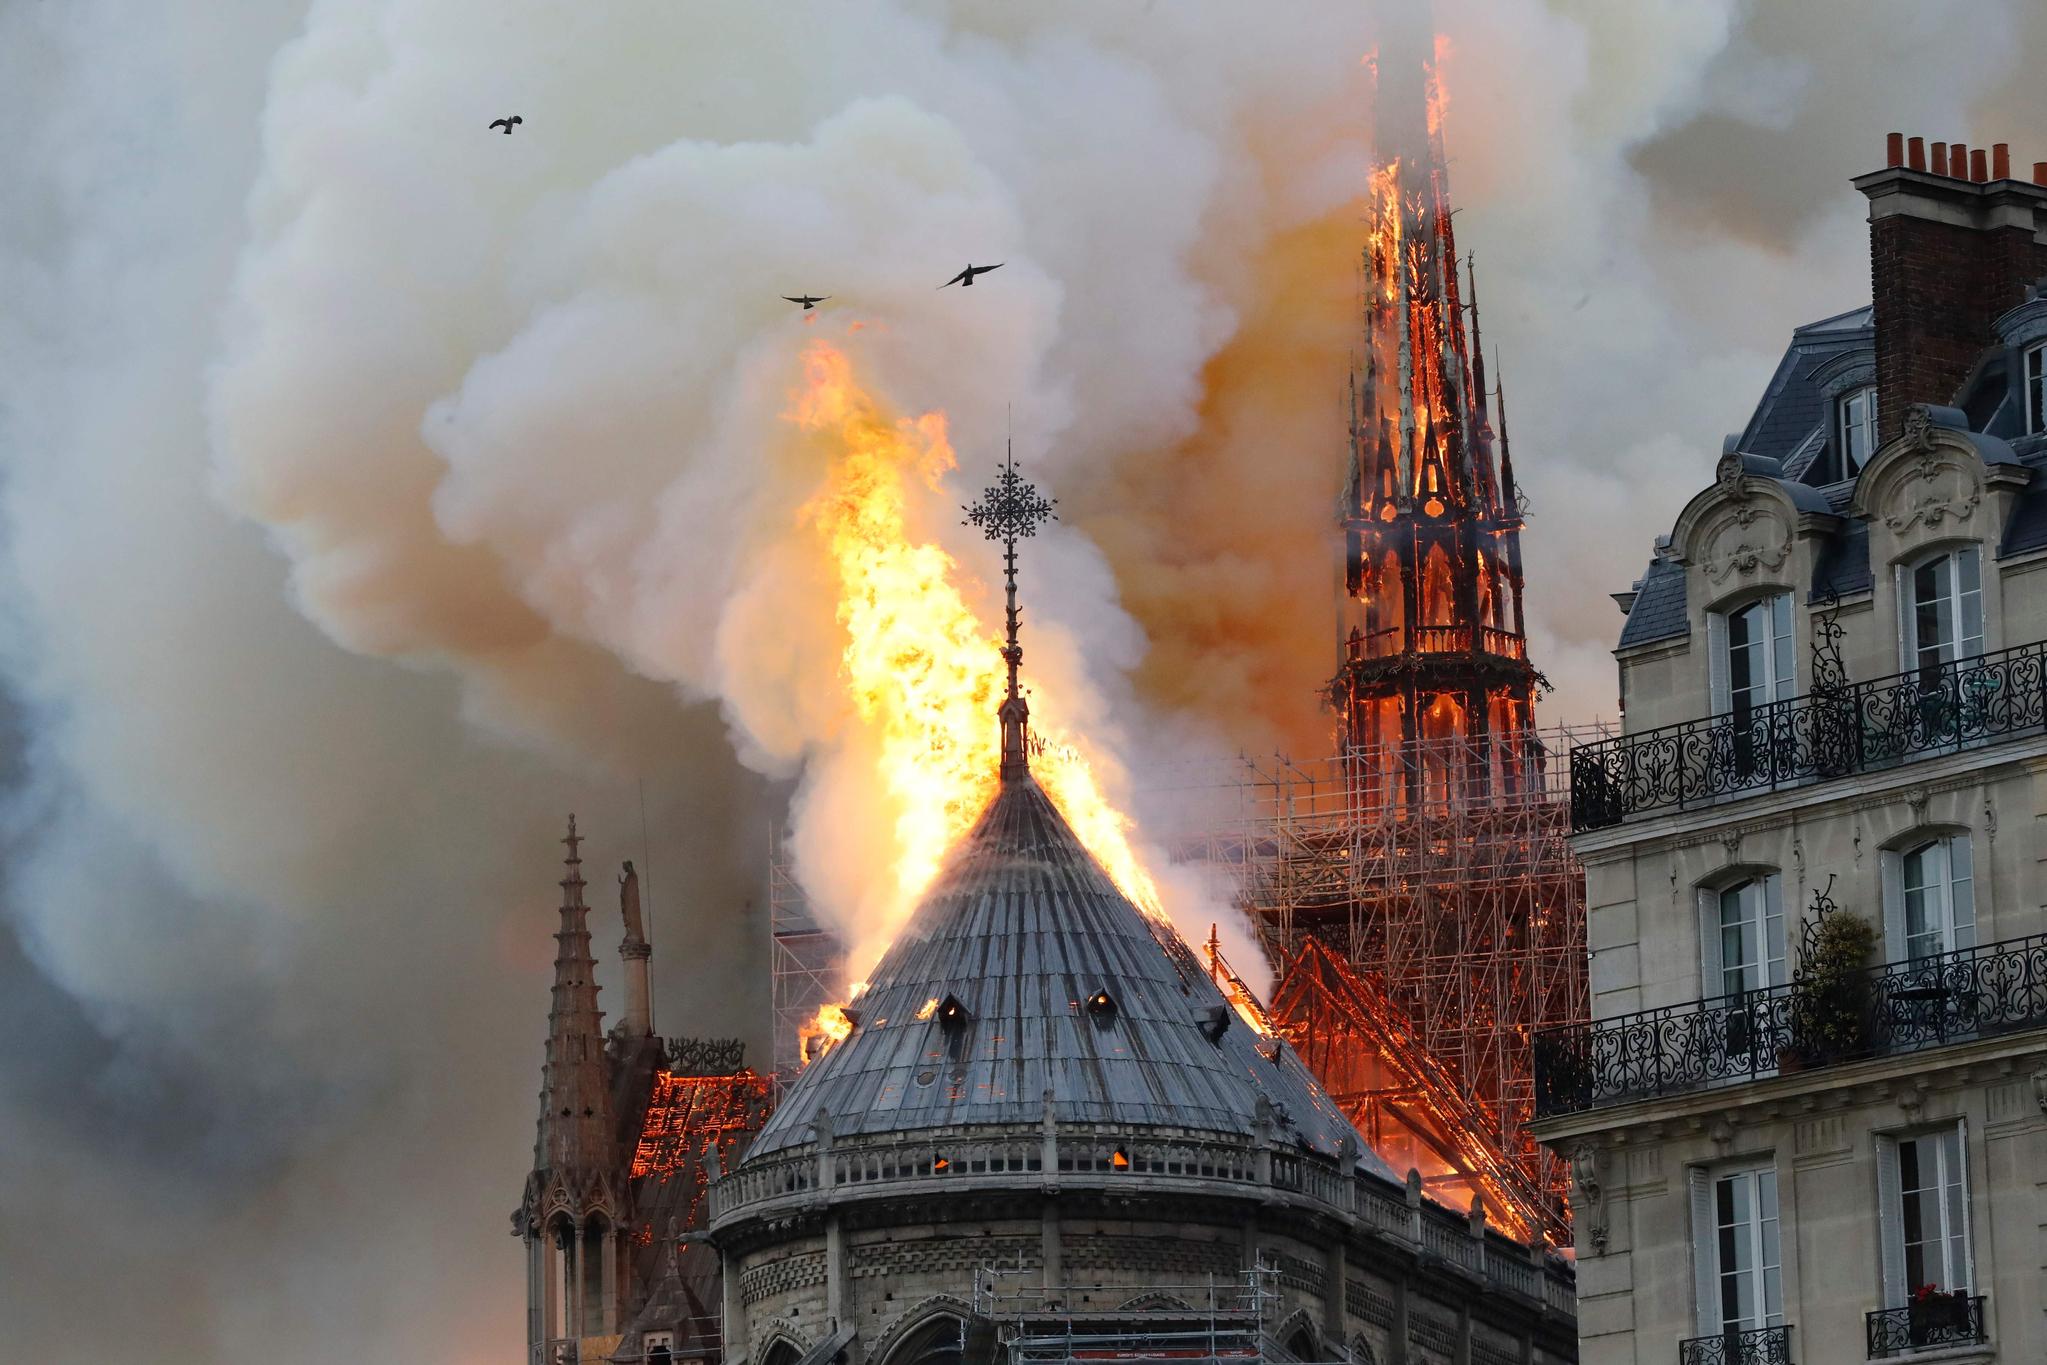 15일(현지시간) 프랑스 파리 노트르담 대성당에서 화재가 발생해 지붕과 첨탑이 붕괴하는 등 큰 피해가 발생했다.[AFP=연합뉴스]